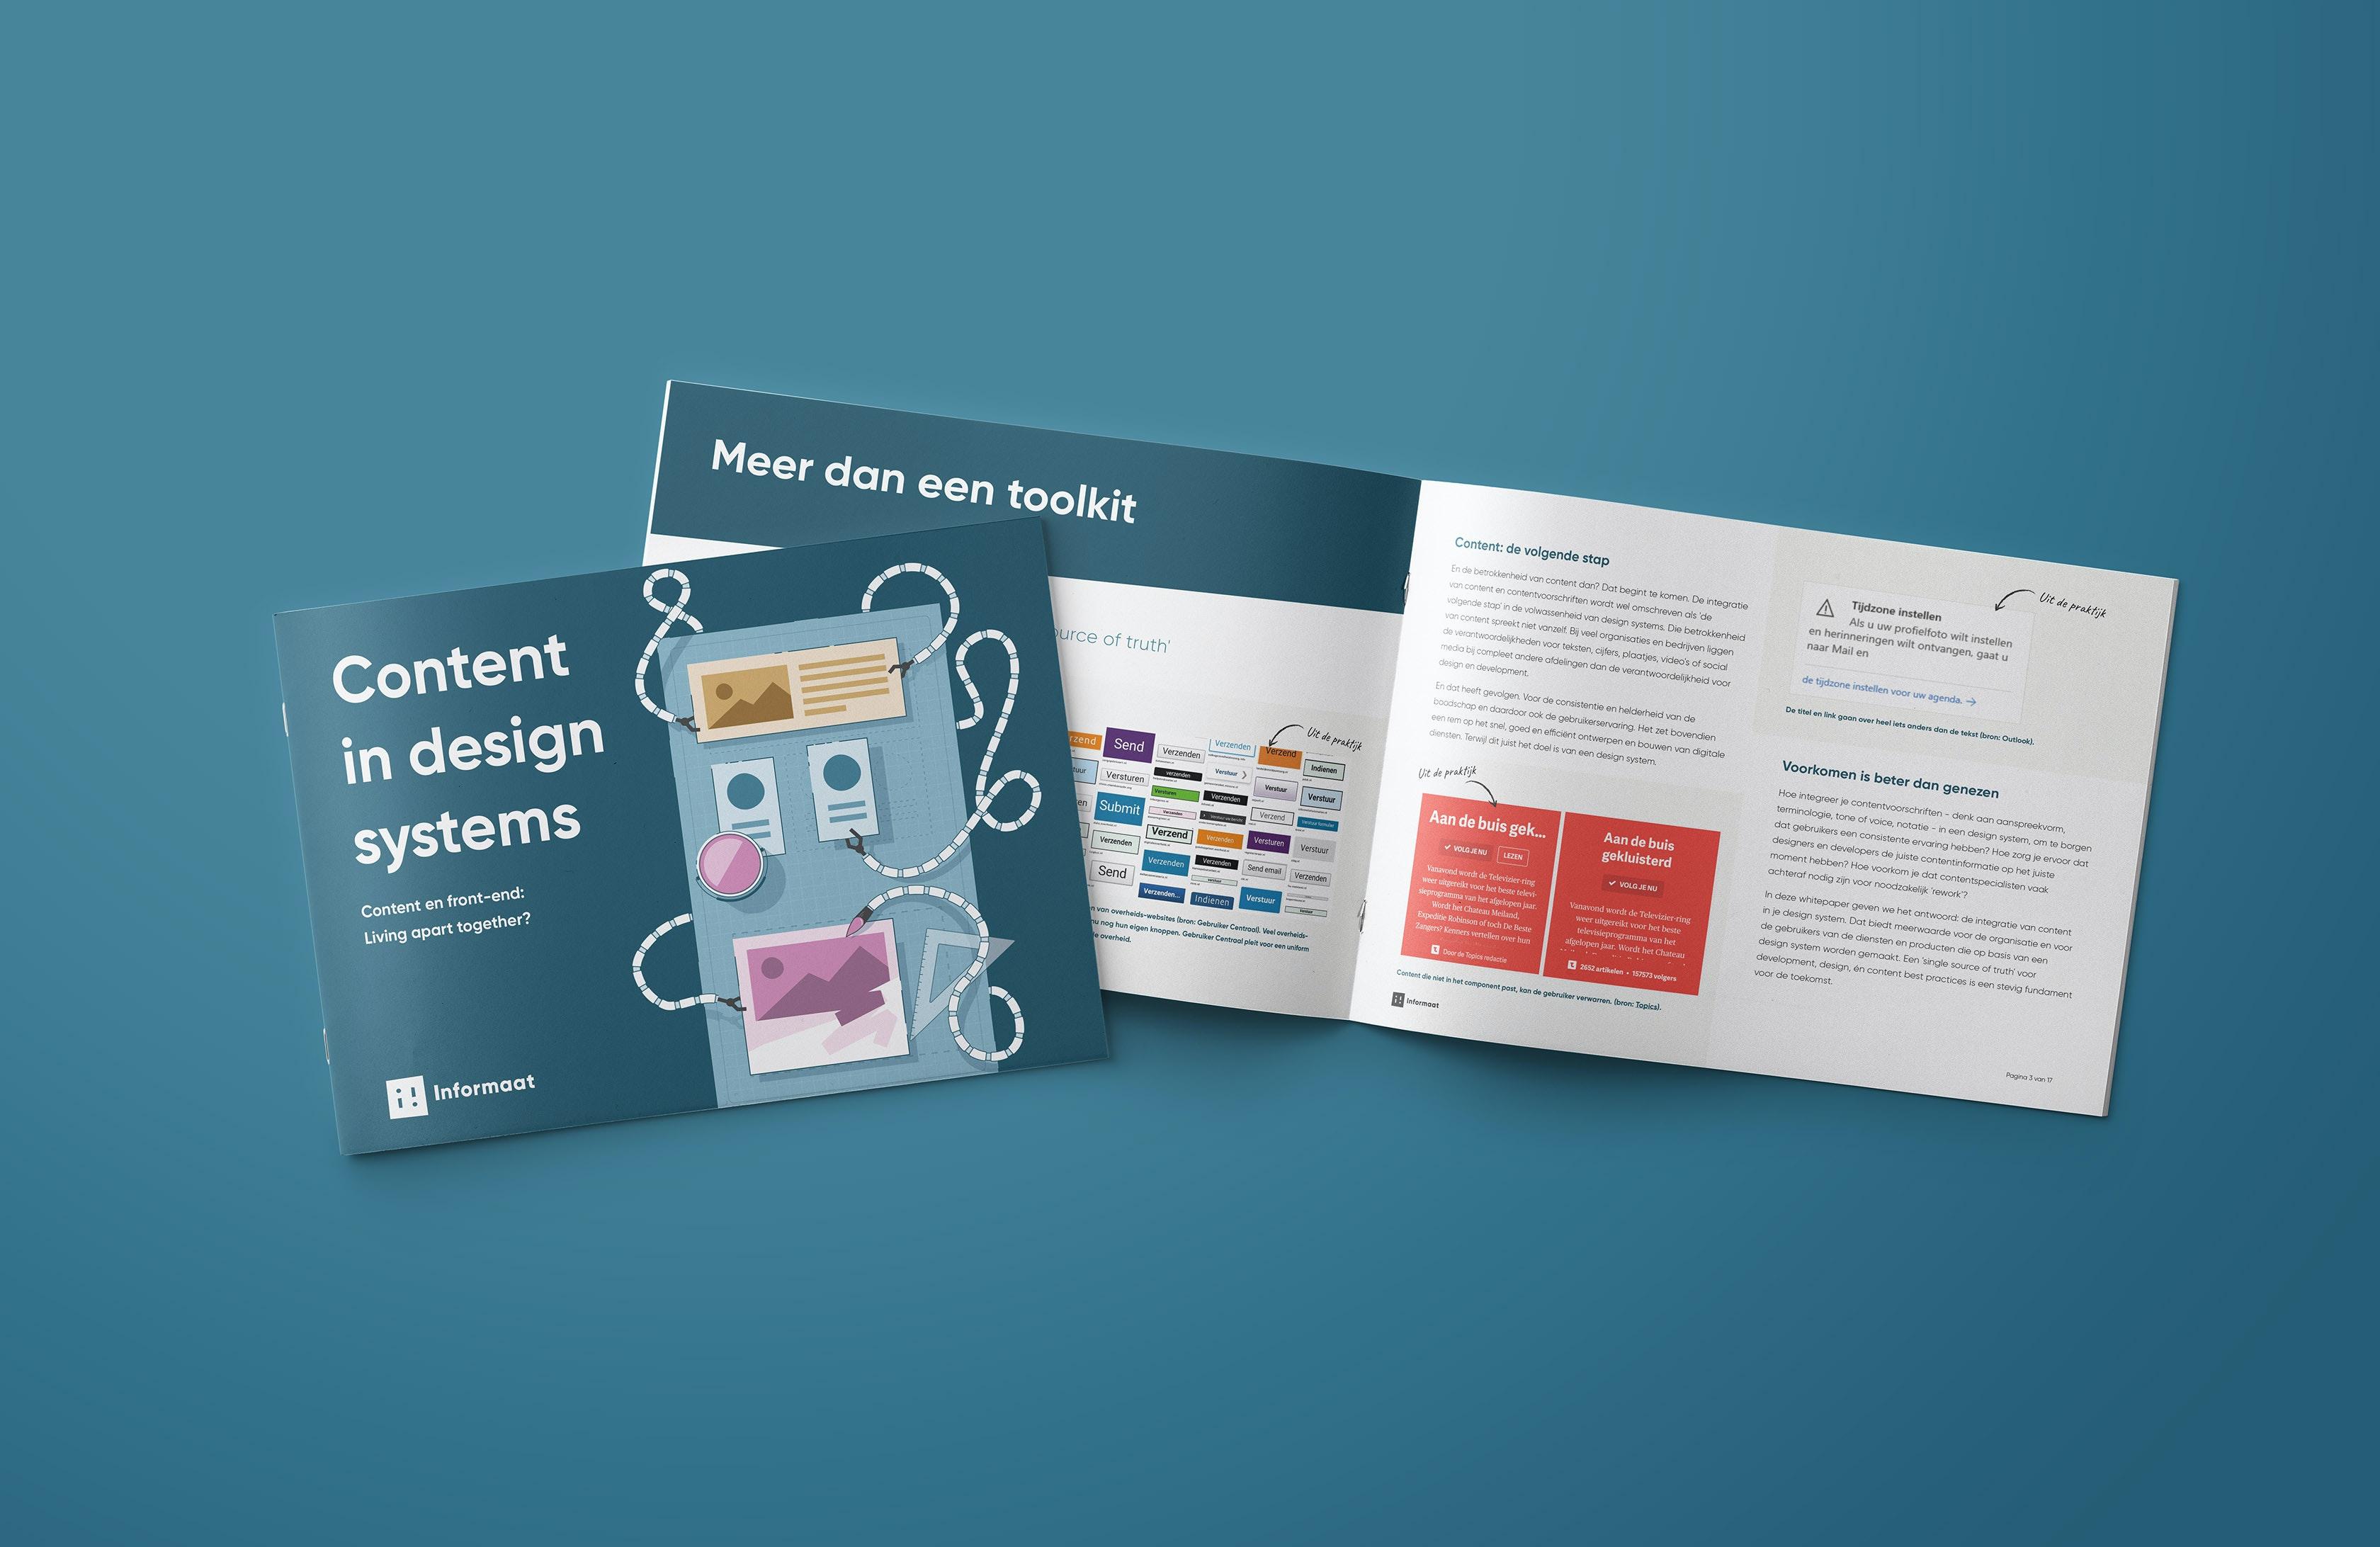 Een afbeelding van het boekje met de whitepaper 'Content in design systems' opengeslagen